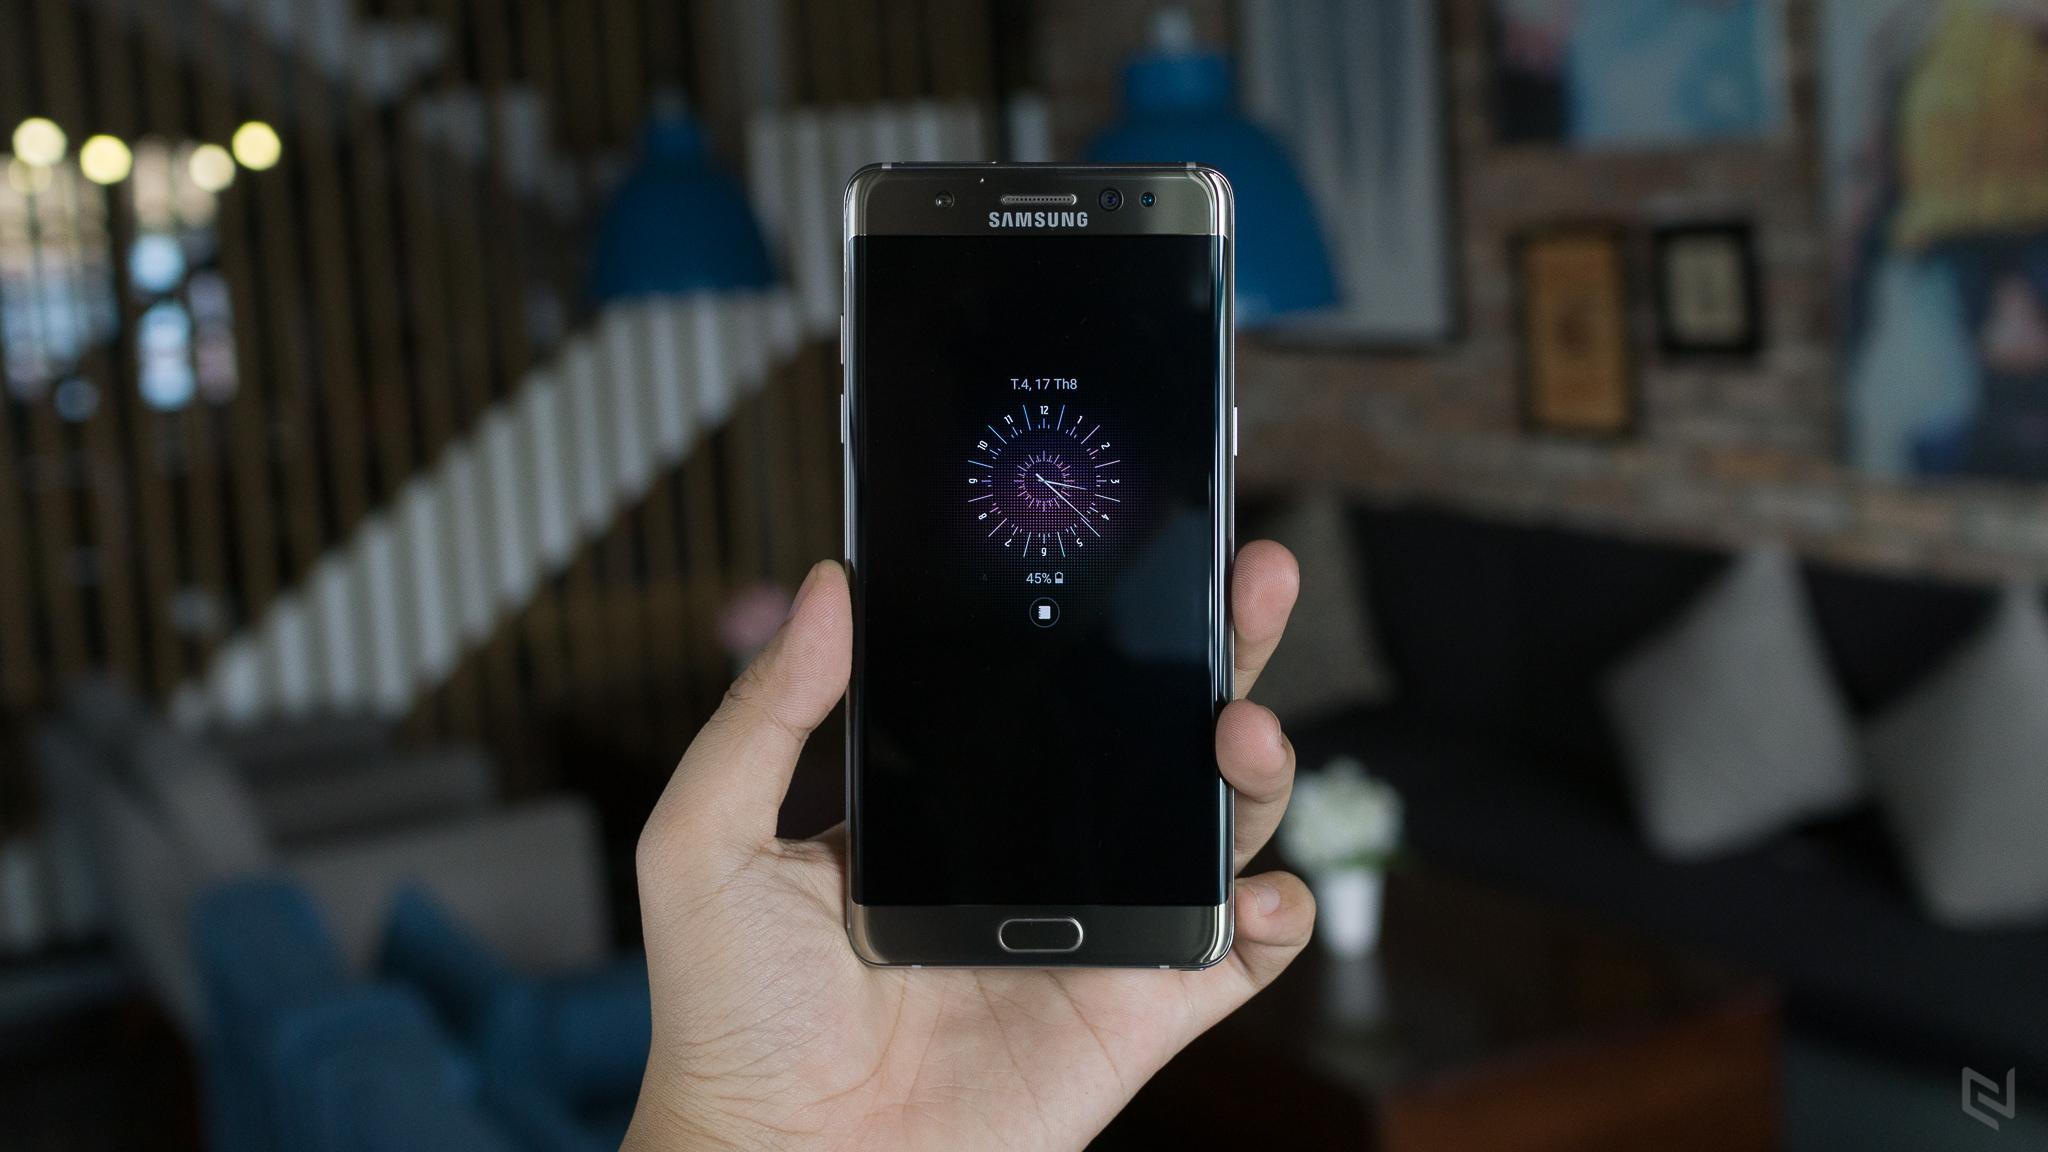 Galaxy Note 7 bản RAM 6GB vẫn ra mắt trong thời gian tới?